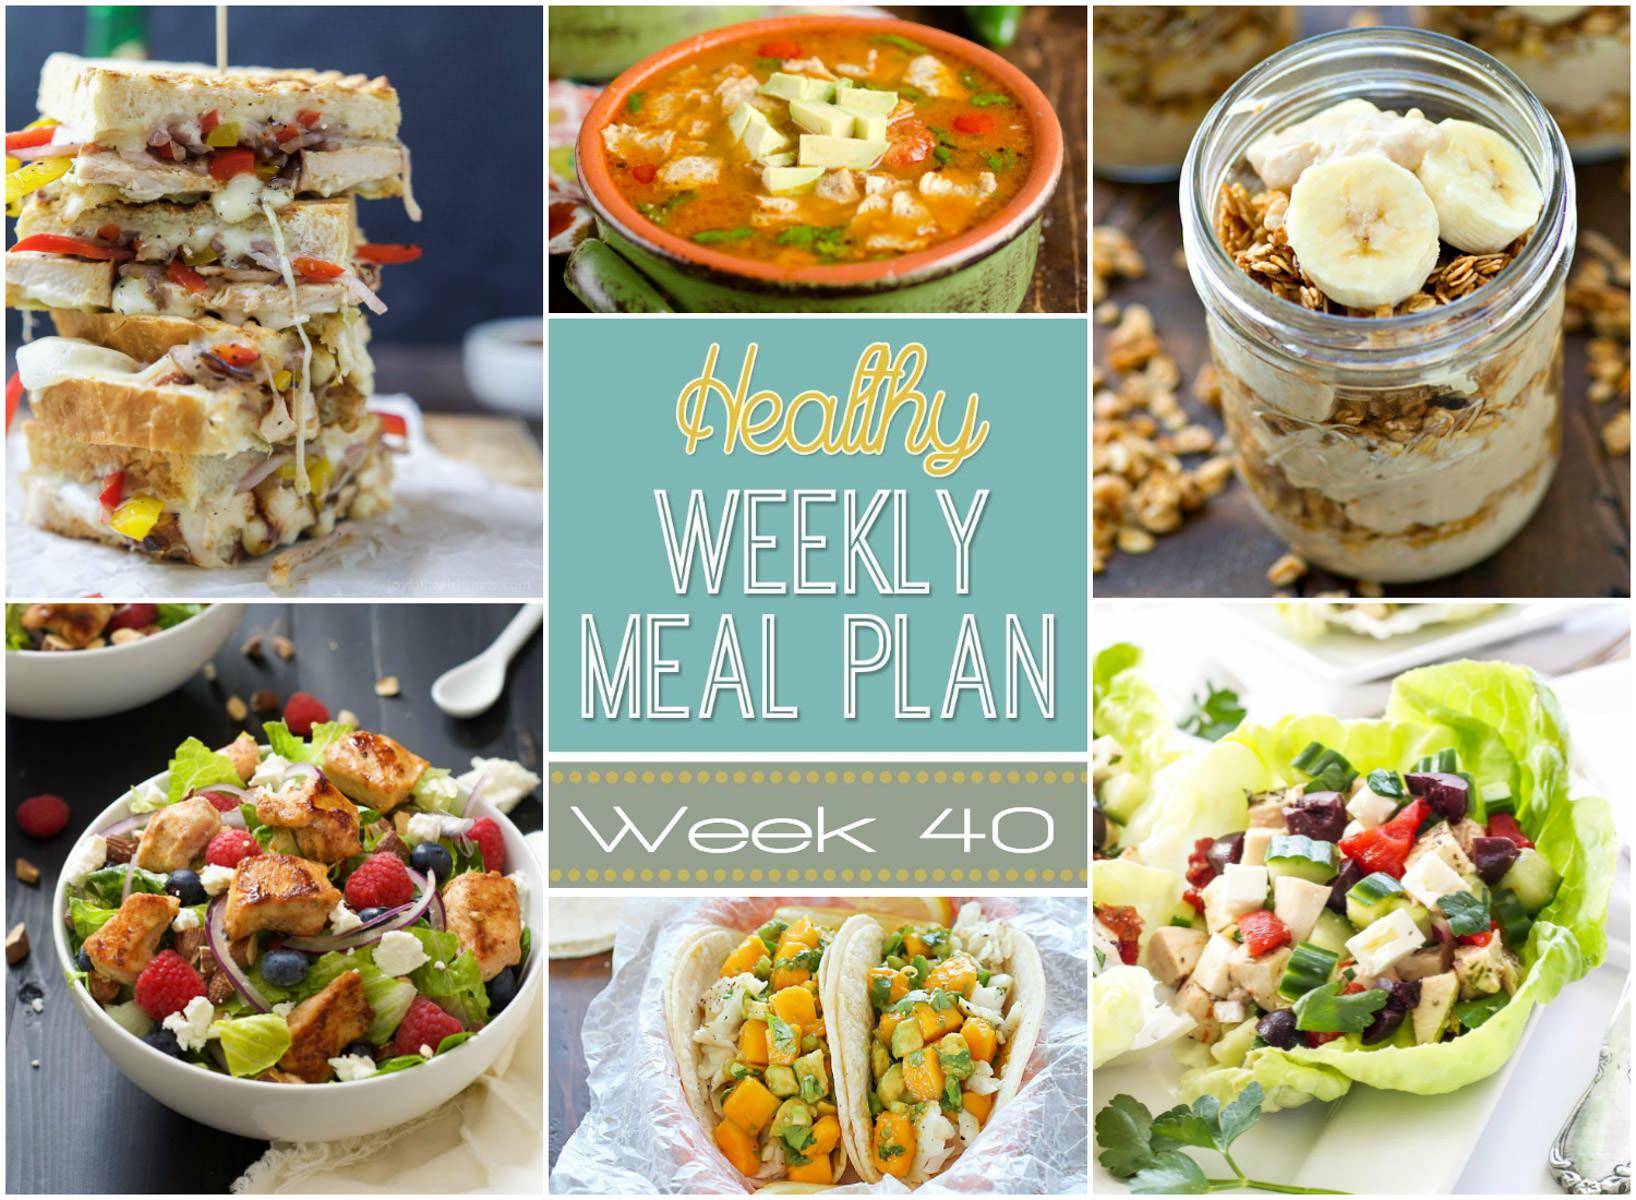 Healthy Meal Plan Week 40